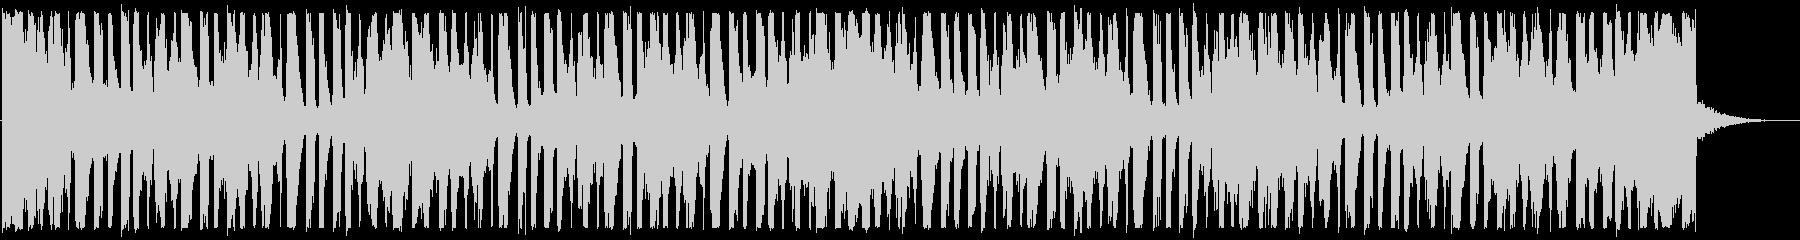 涼しげなディープハウス_No615_5の未再生の波形